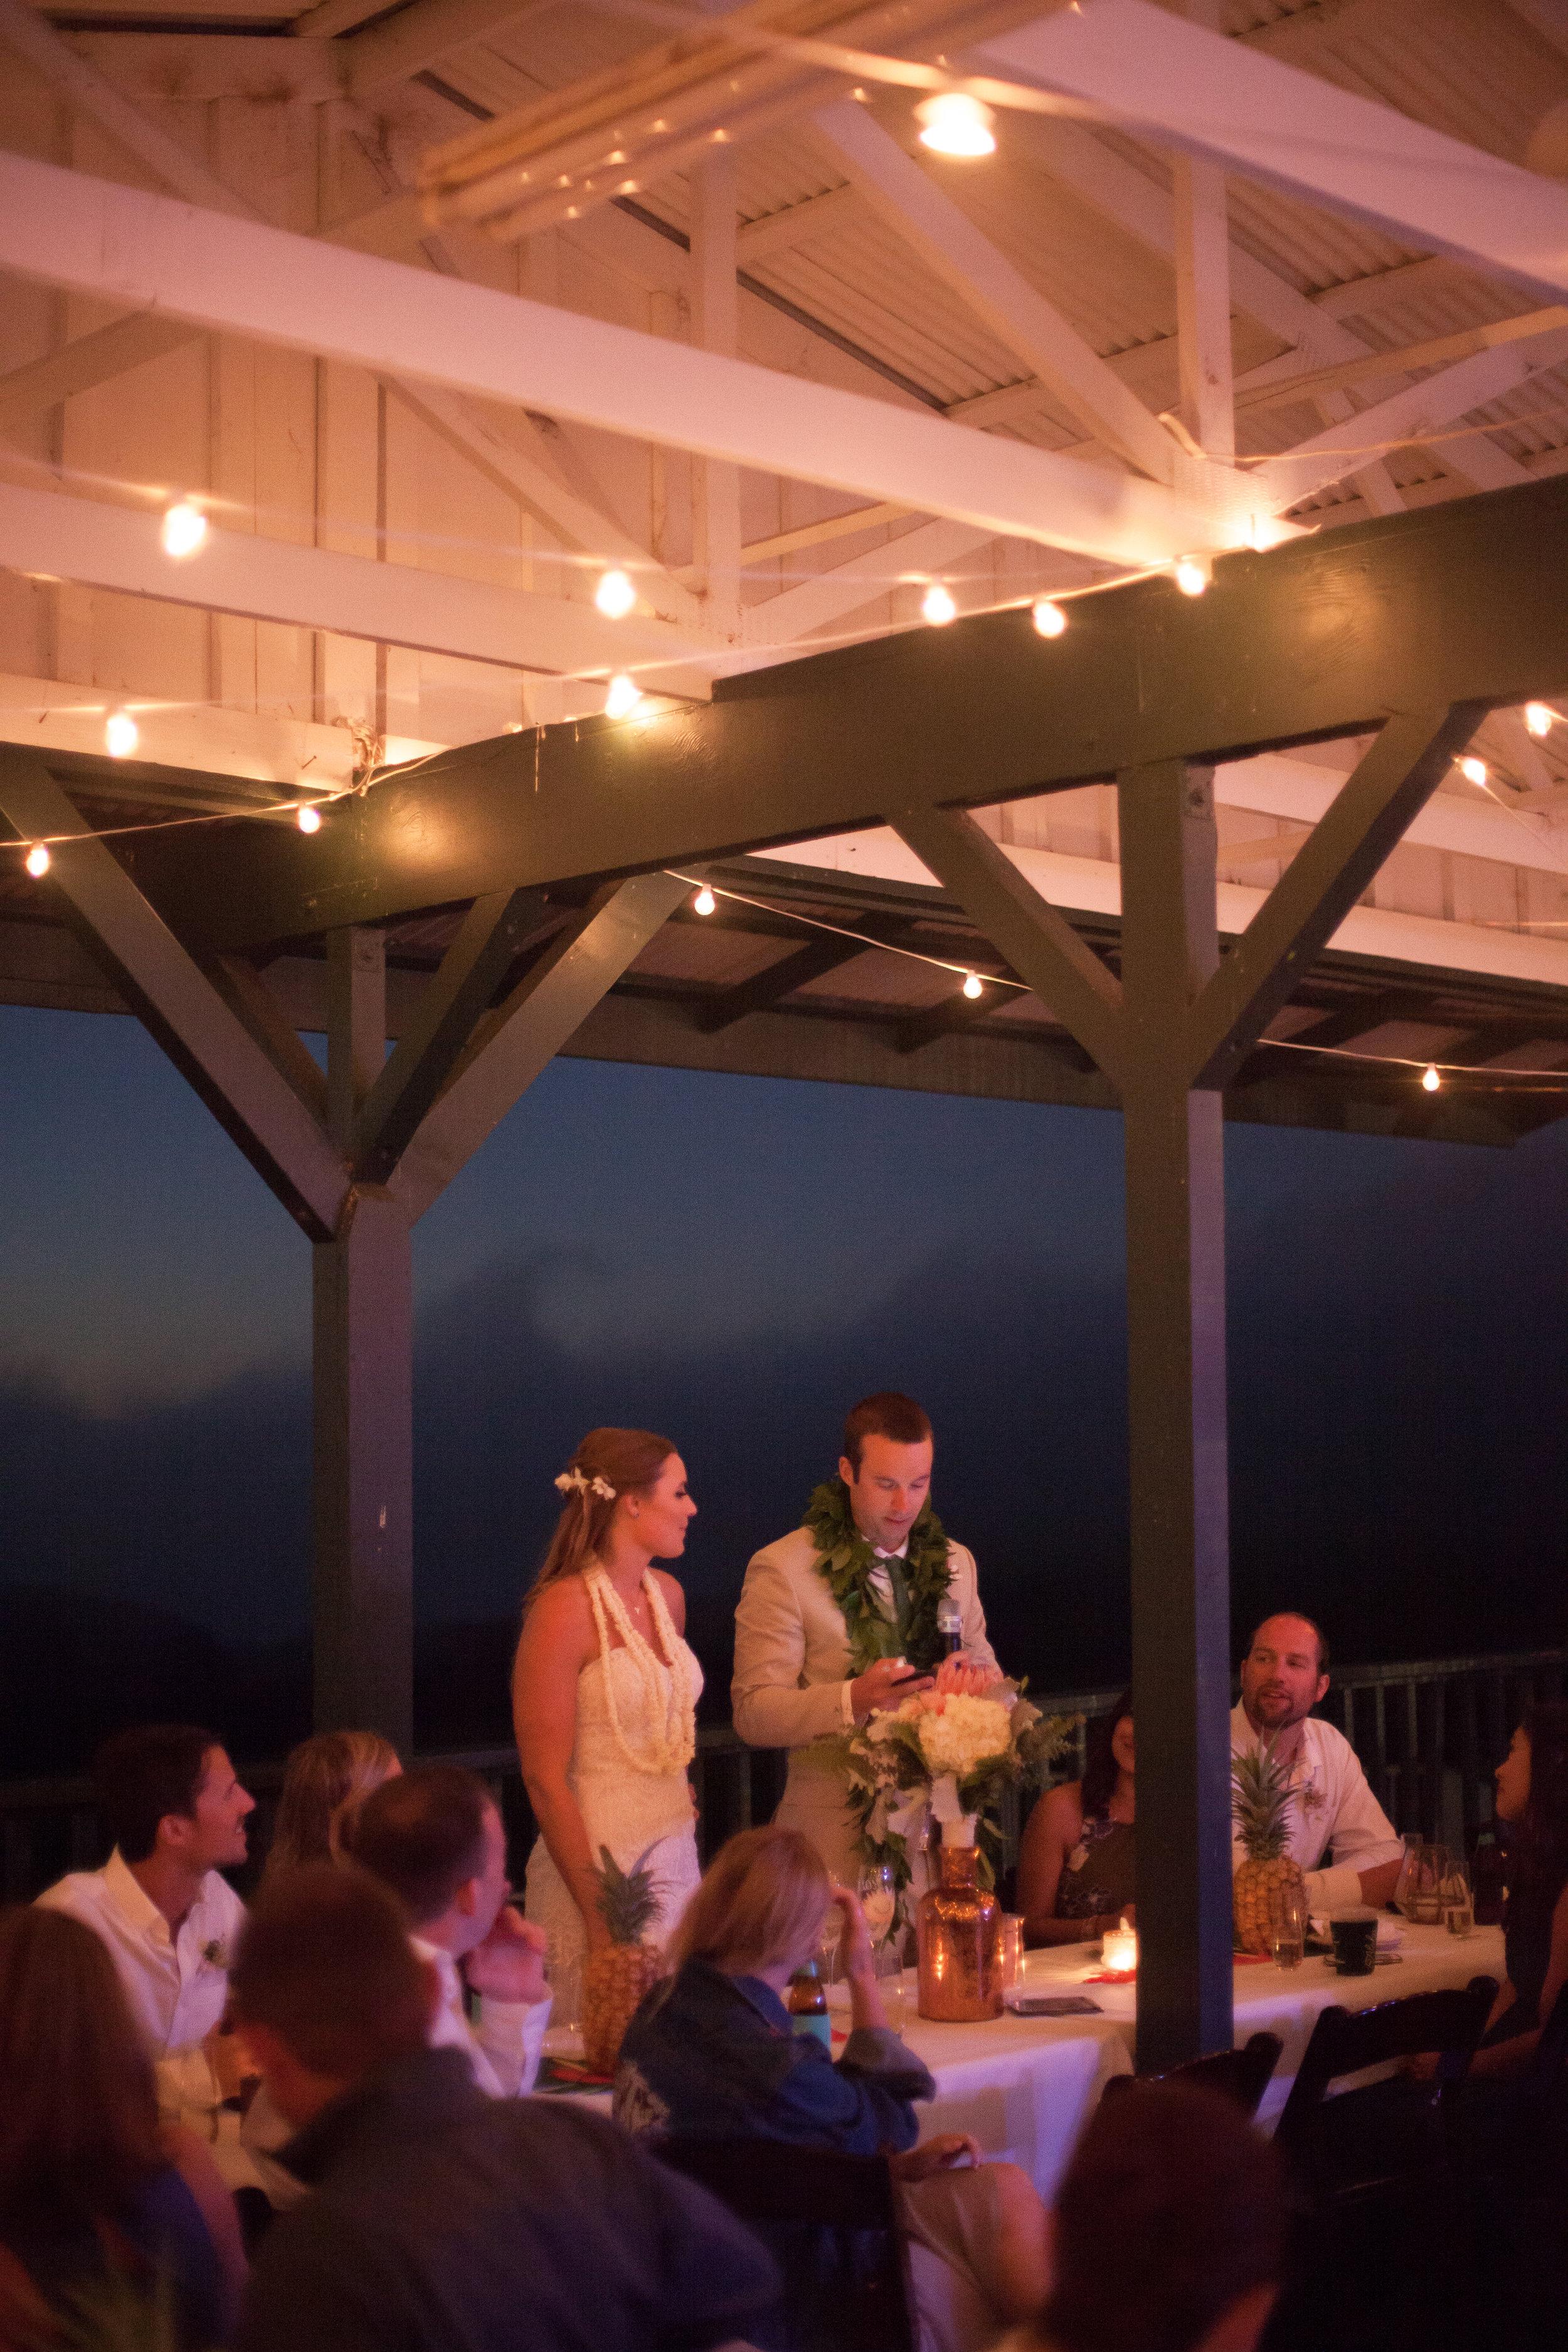 big island hawaii kahua ranch wedding © kelilina photography 20170106183840.jpg